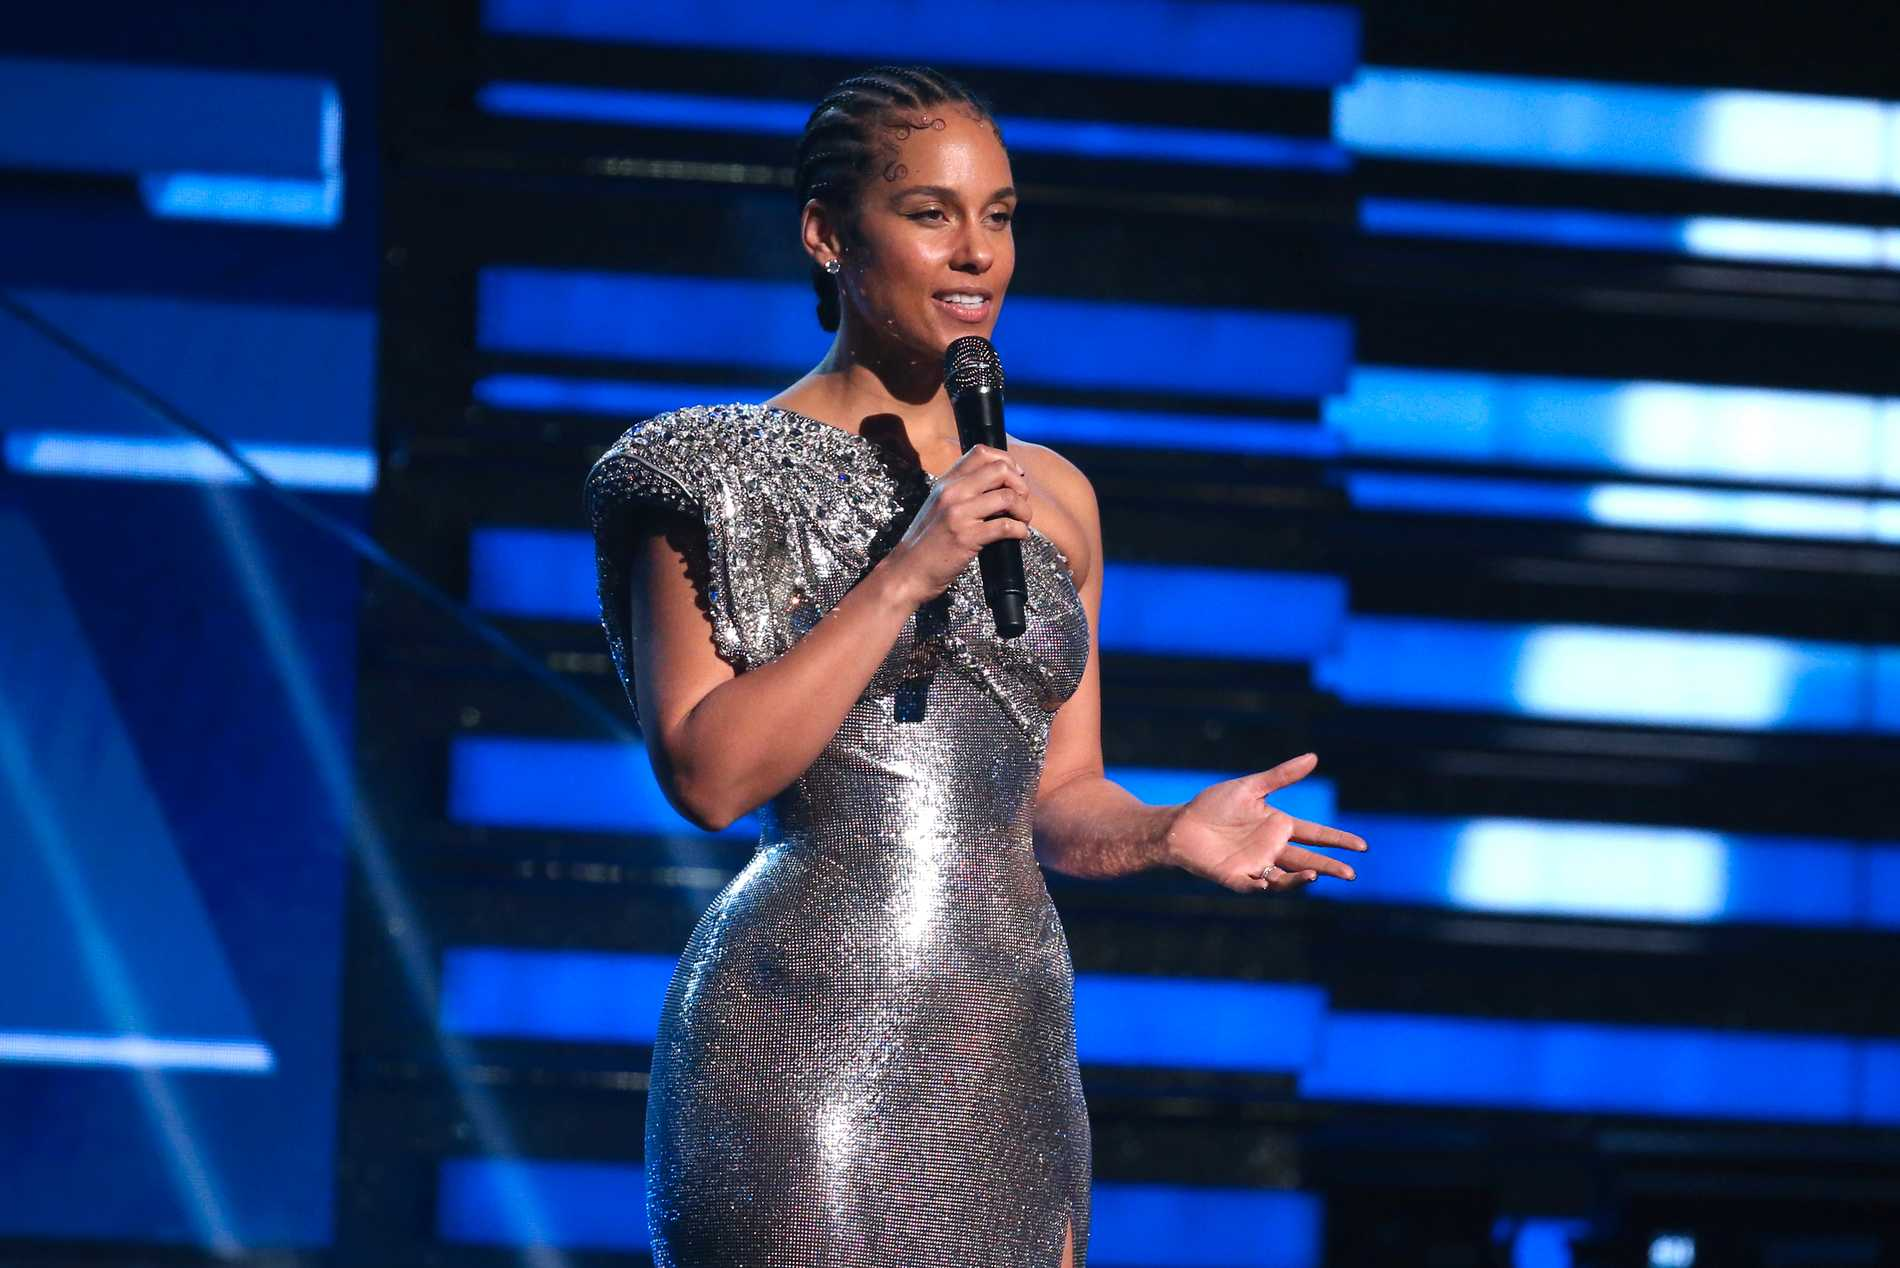 Alicia Keys flyttade sina sommarkonserter ett år framåt i tiden. Nu väntas hon till Globen i Stockholm 15 juni.